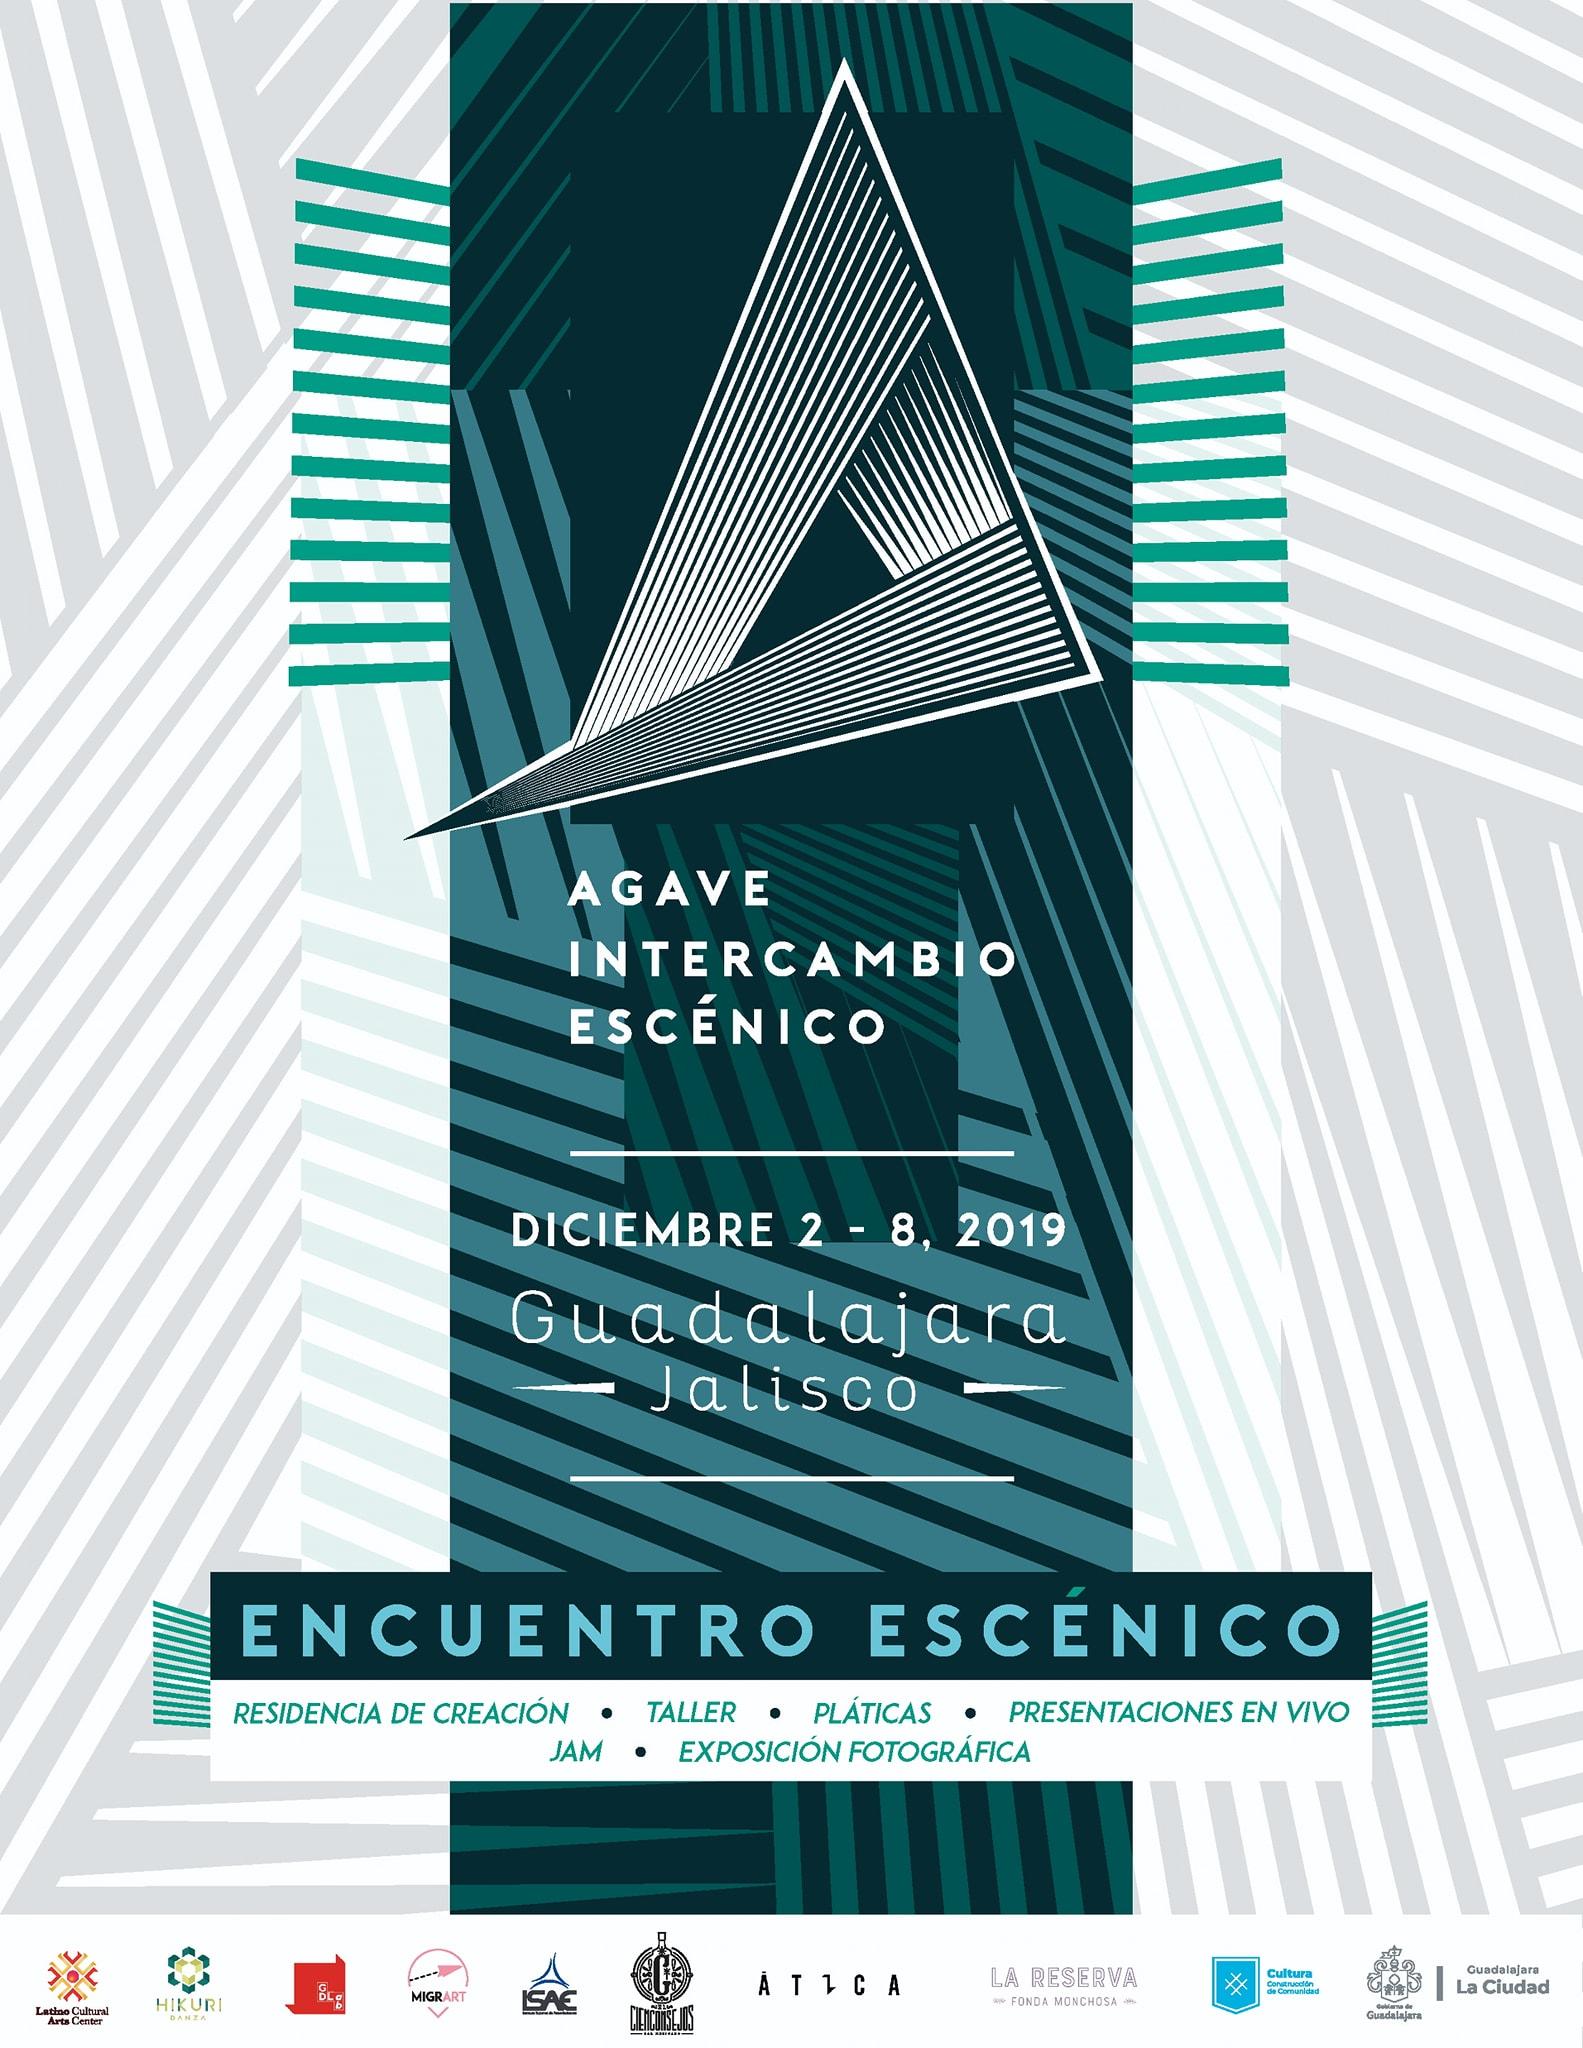 Agave Intercambio Escénico - 2 al 8 de diciembre en Guadalajara